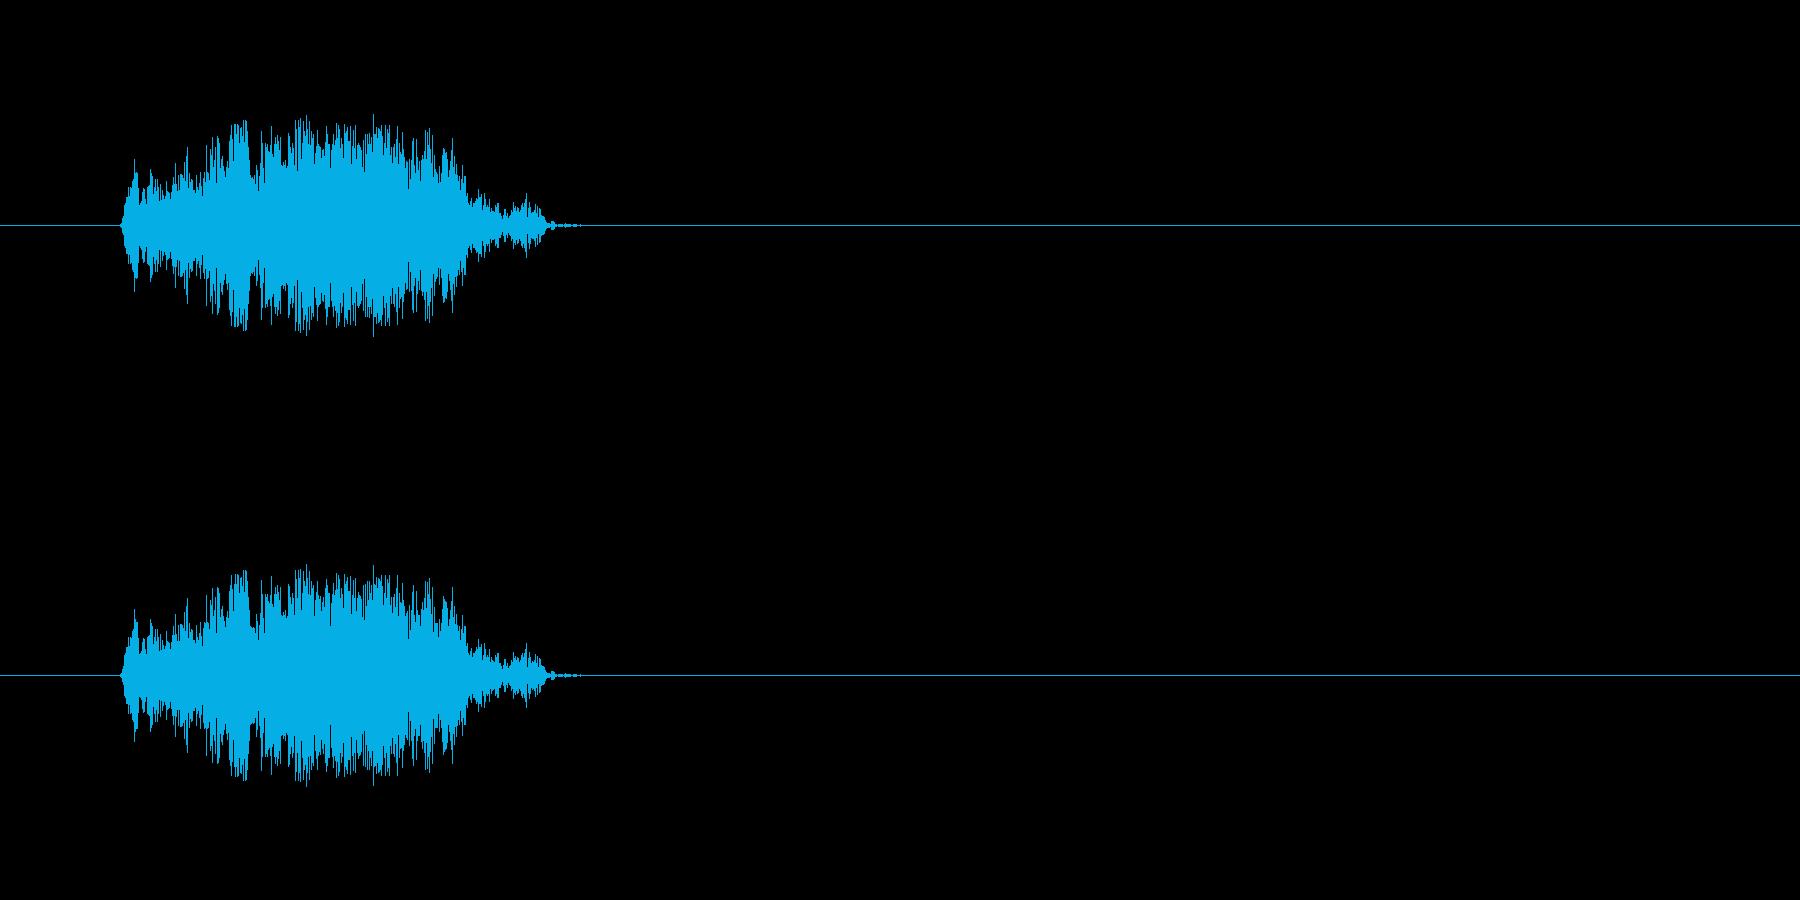 【斬る02-1】の再生済みの波形